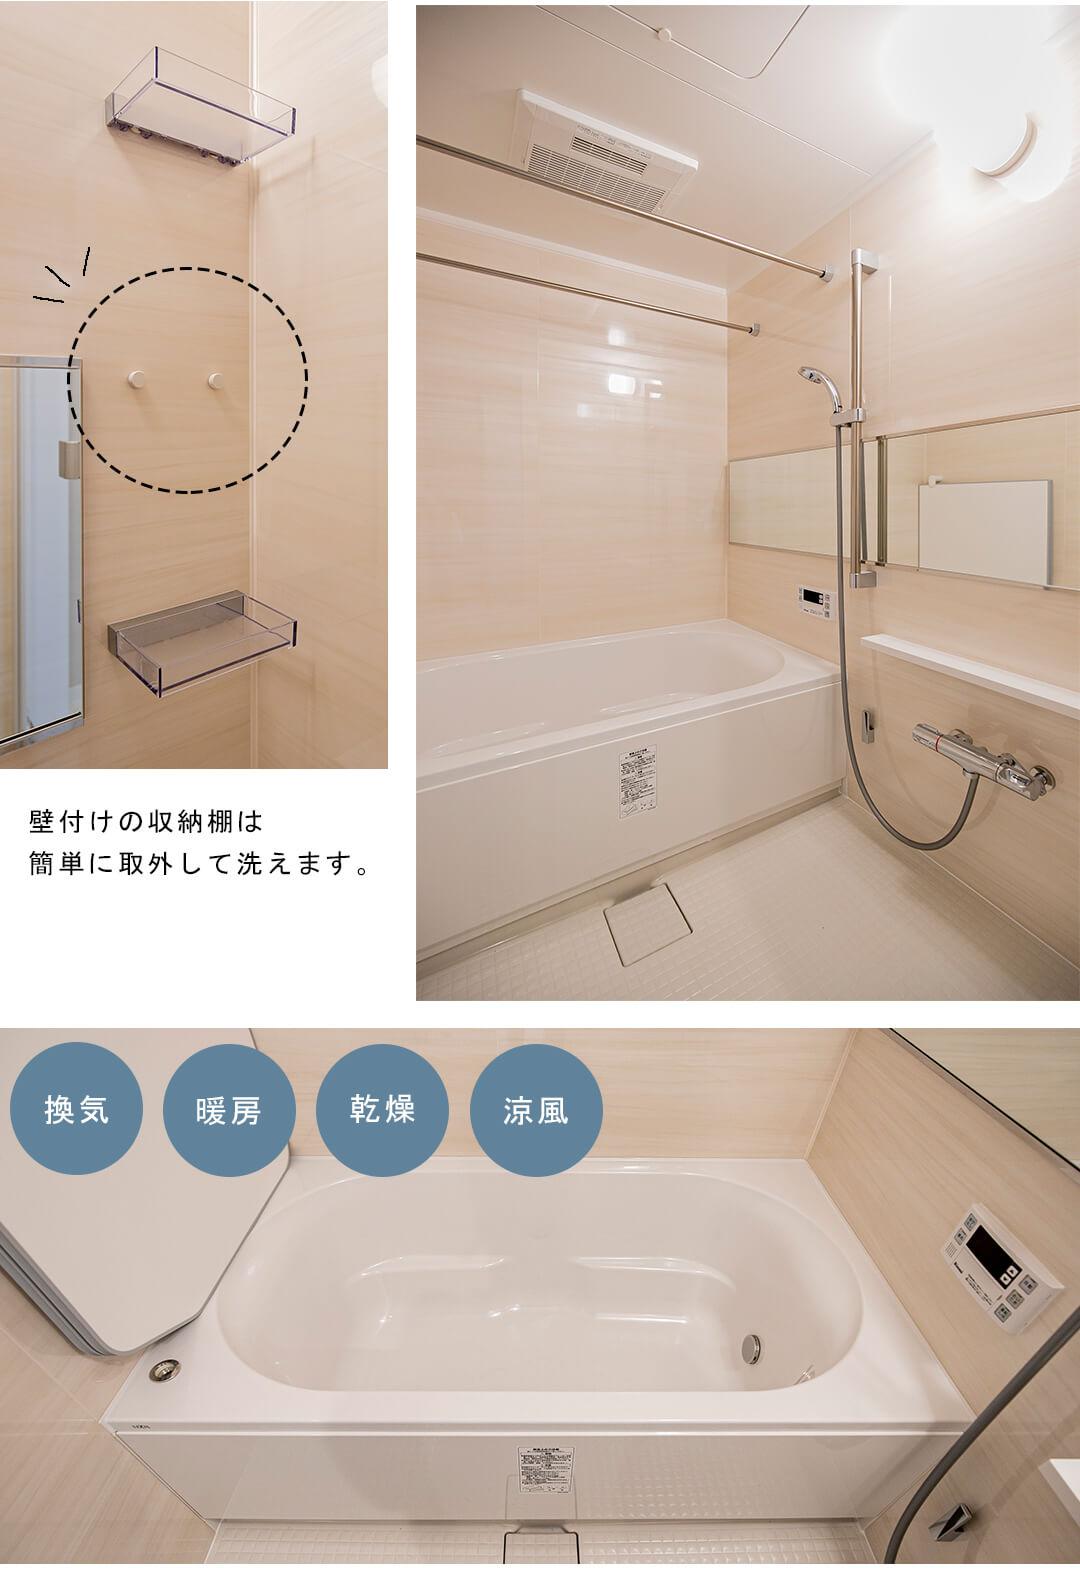 東京タイムズタワーの浴室